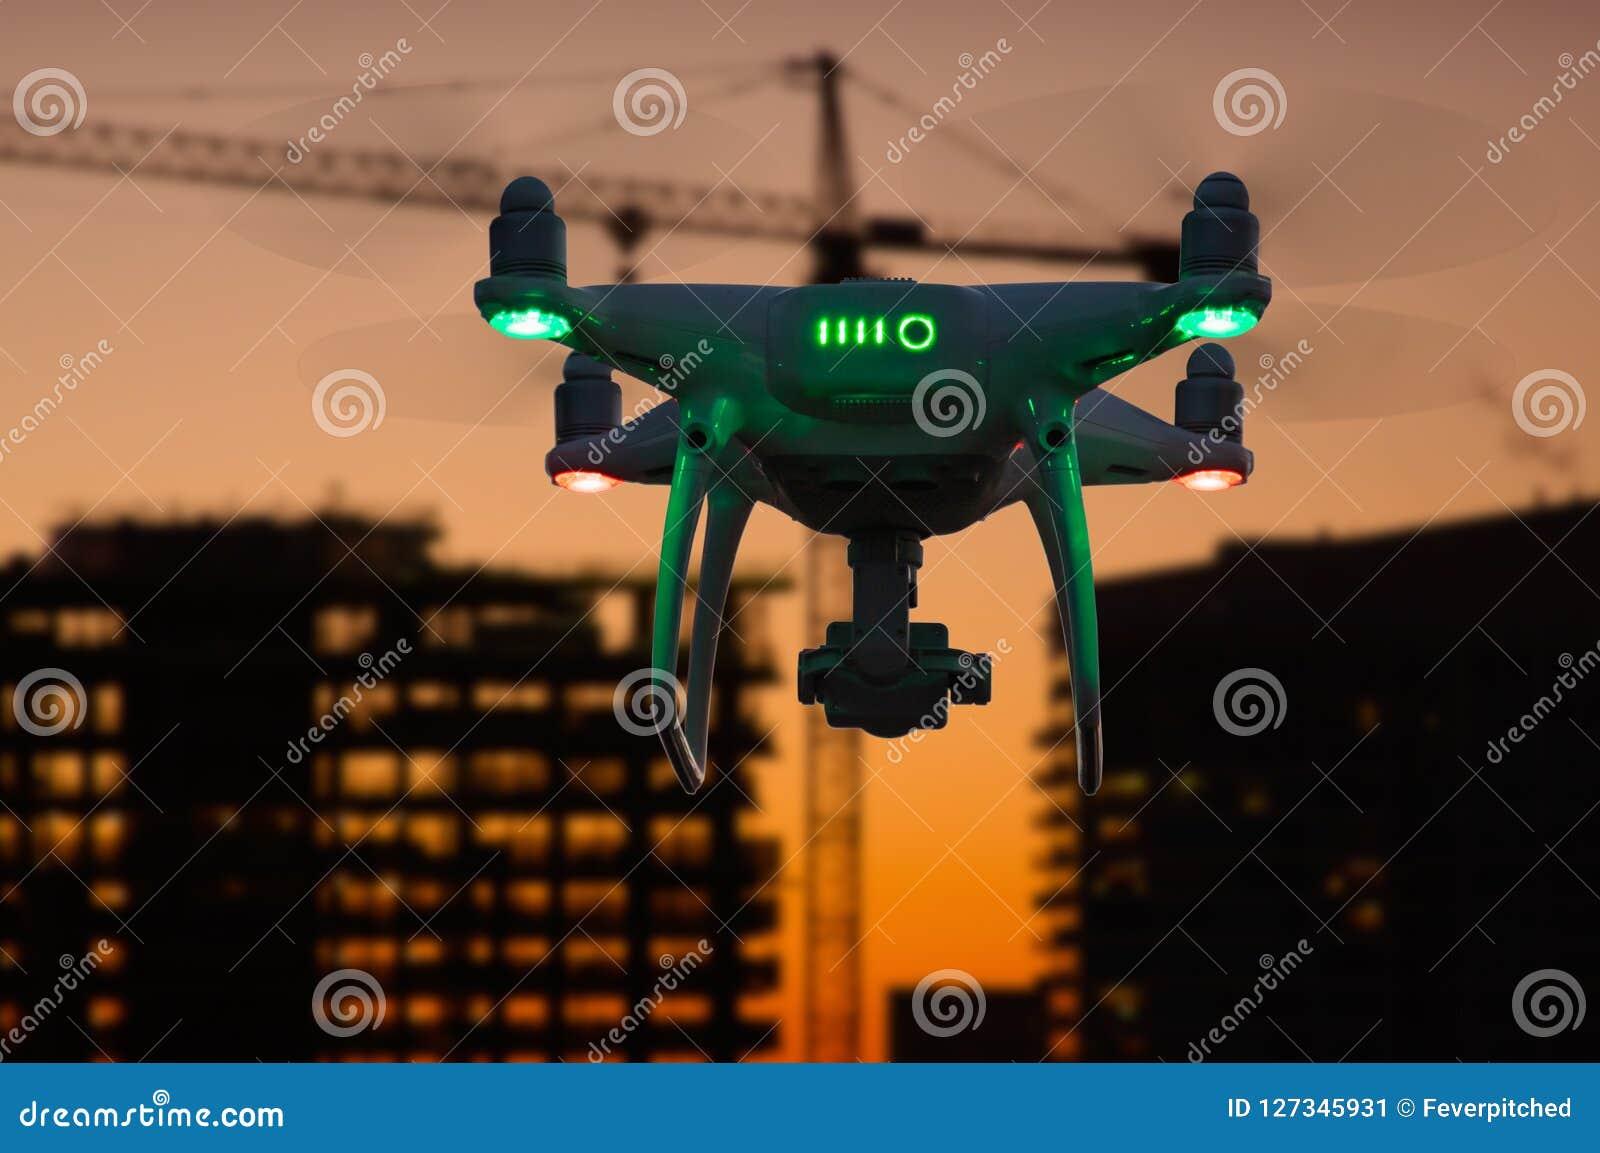 Σκιαγραφία του τηλεκατευθυνόμενου UAV Quadcopter συστημάτων αεροσκαφών κηφήνα